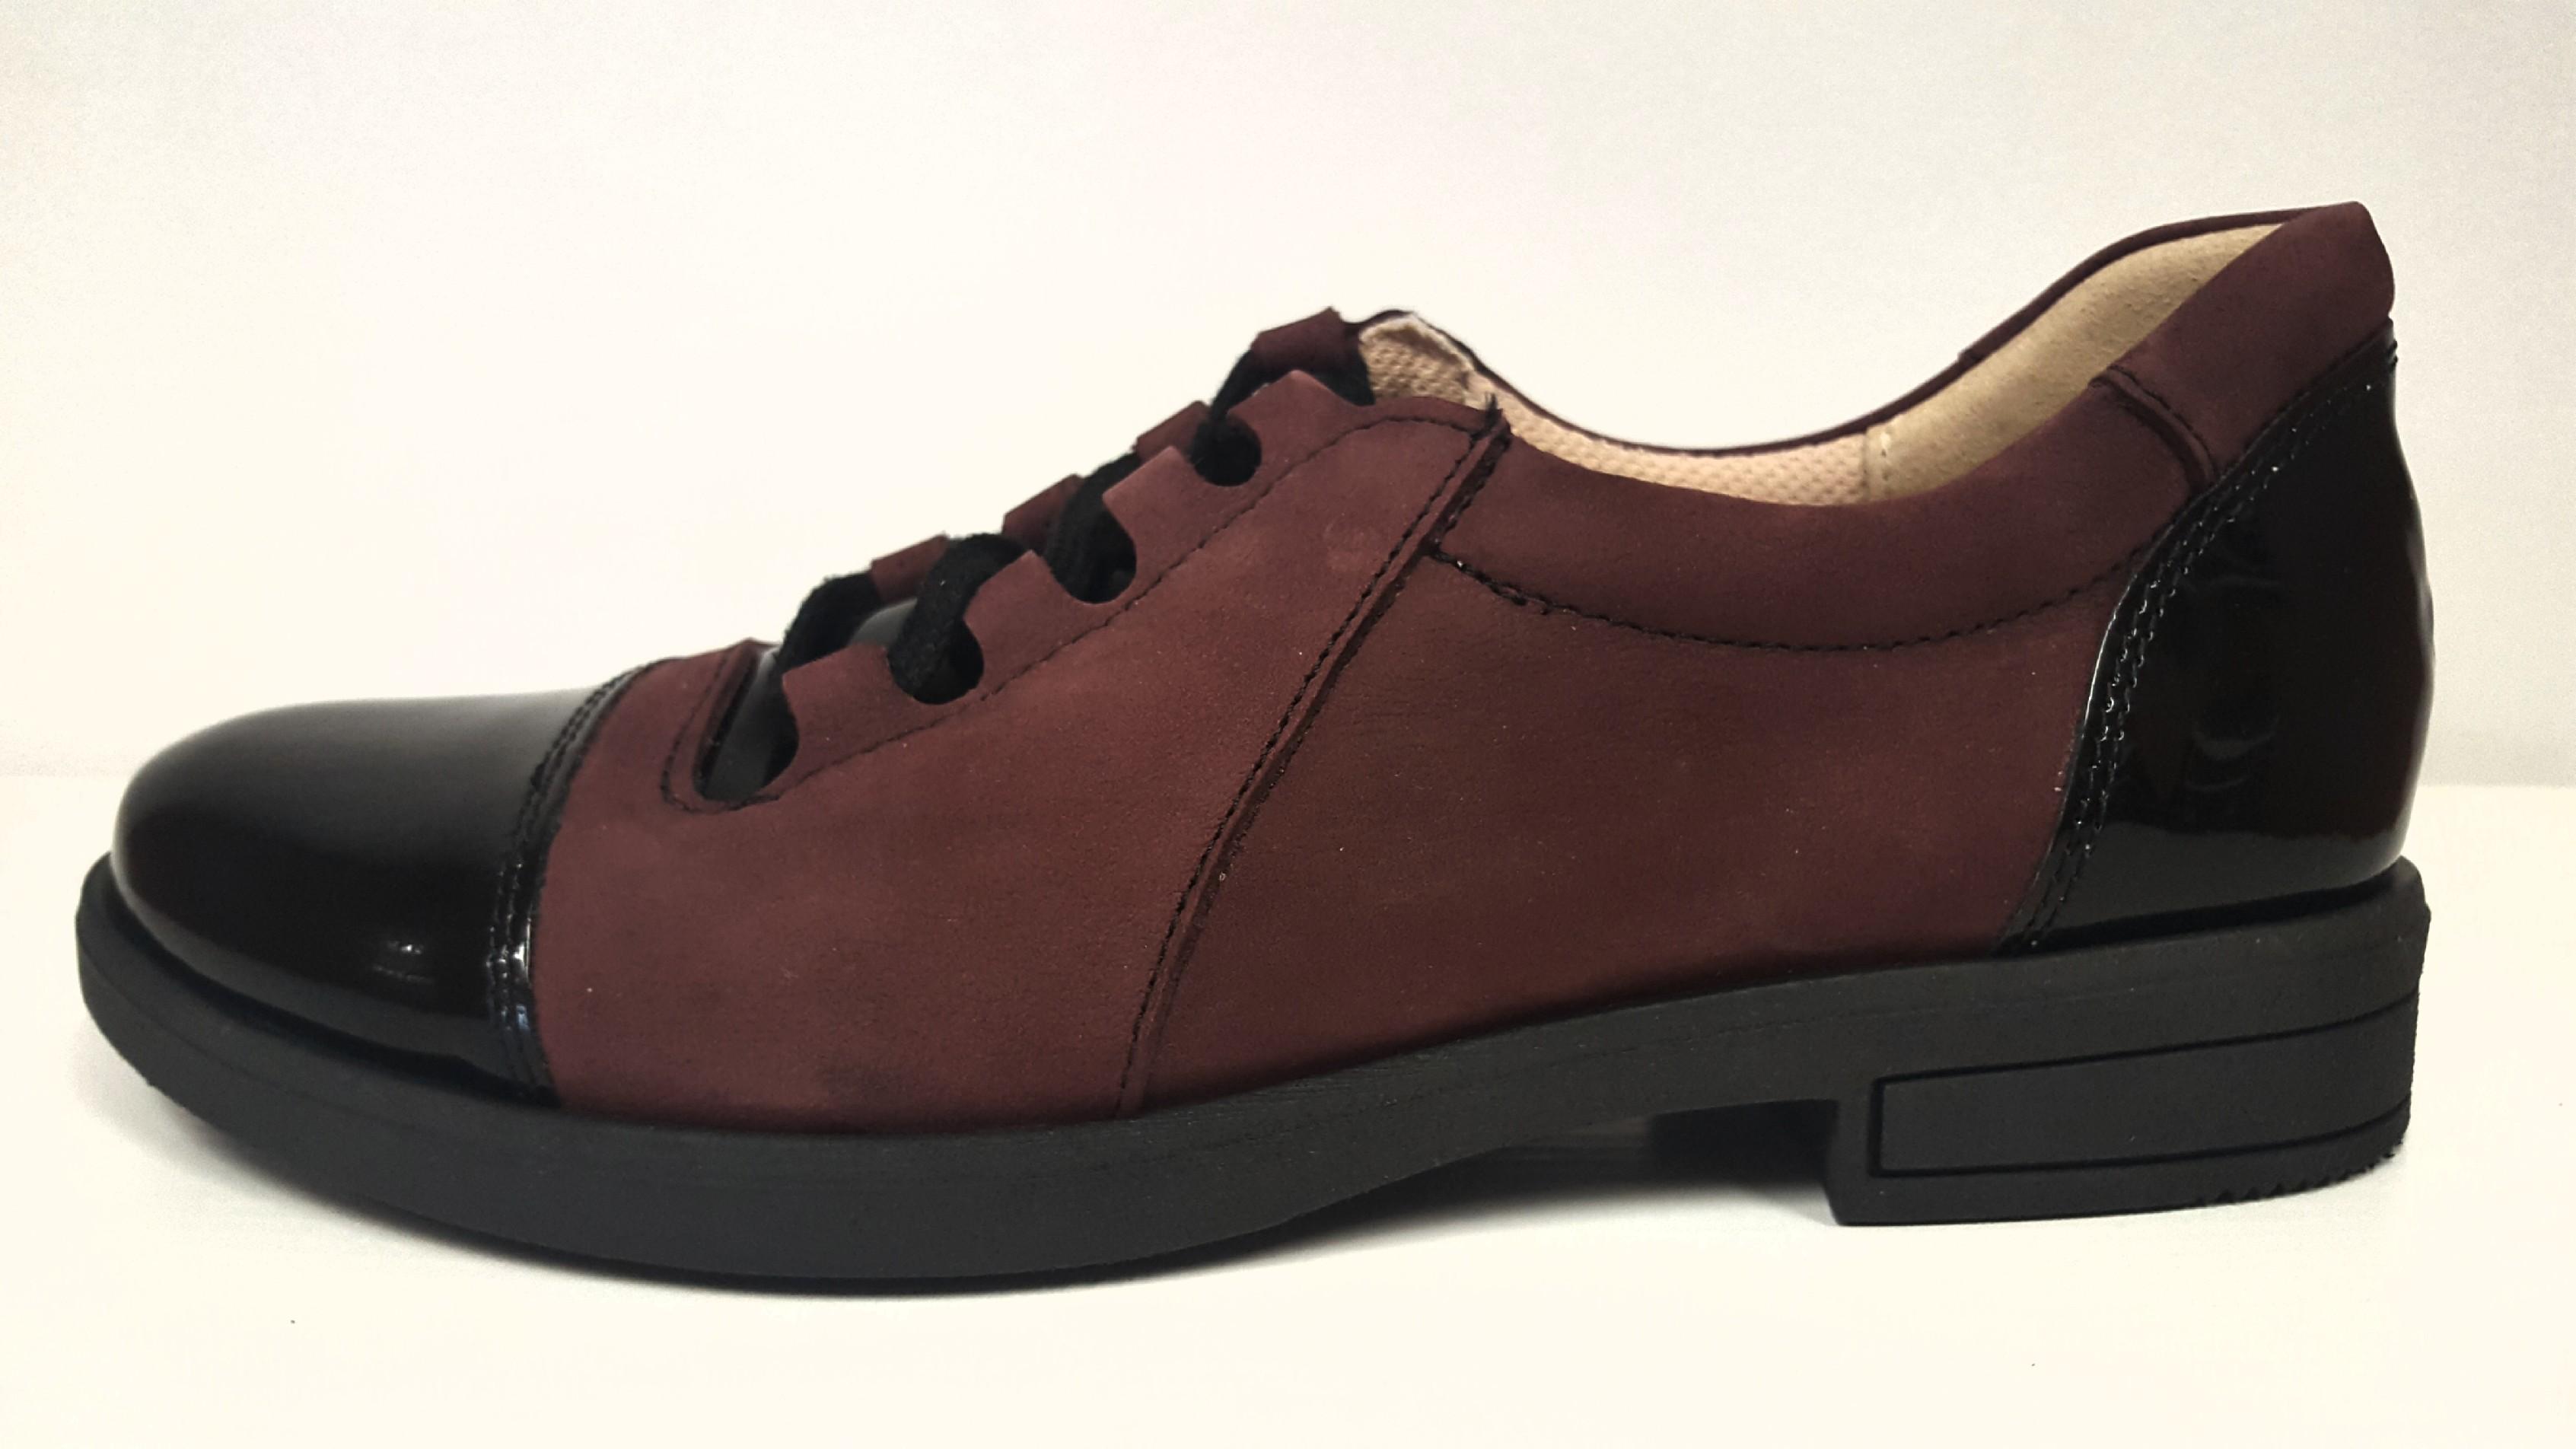 Dámská bordo kožená vycházková obuv na šněrování s nízkým podpatkem HUJO  J3340 Tabulka dámských velikostí  d1b356f5301